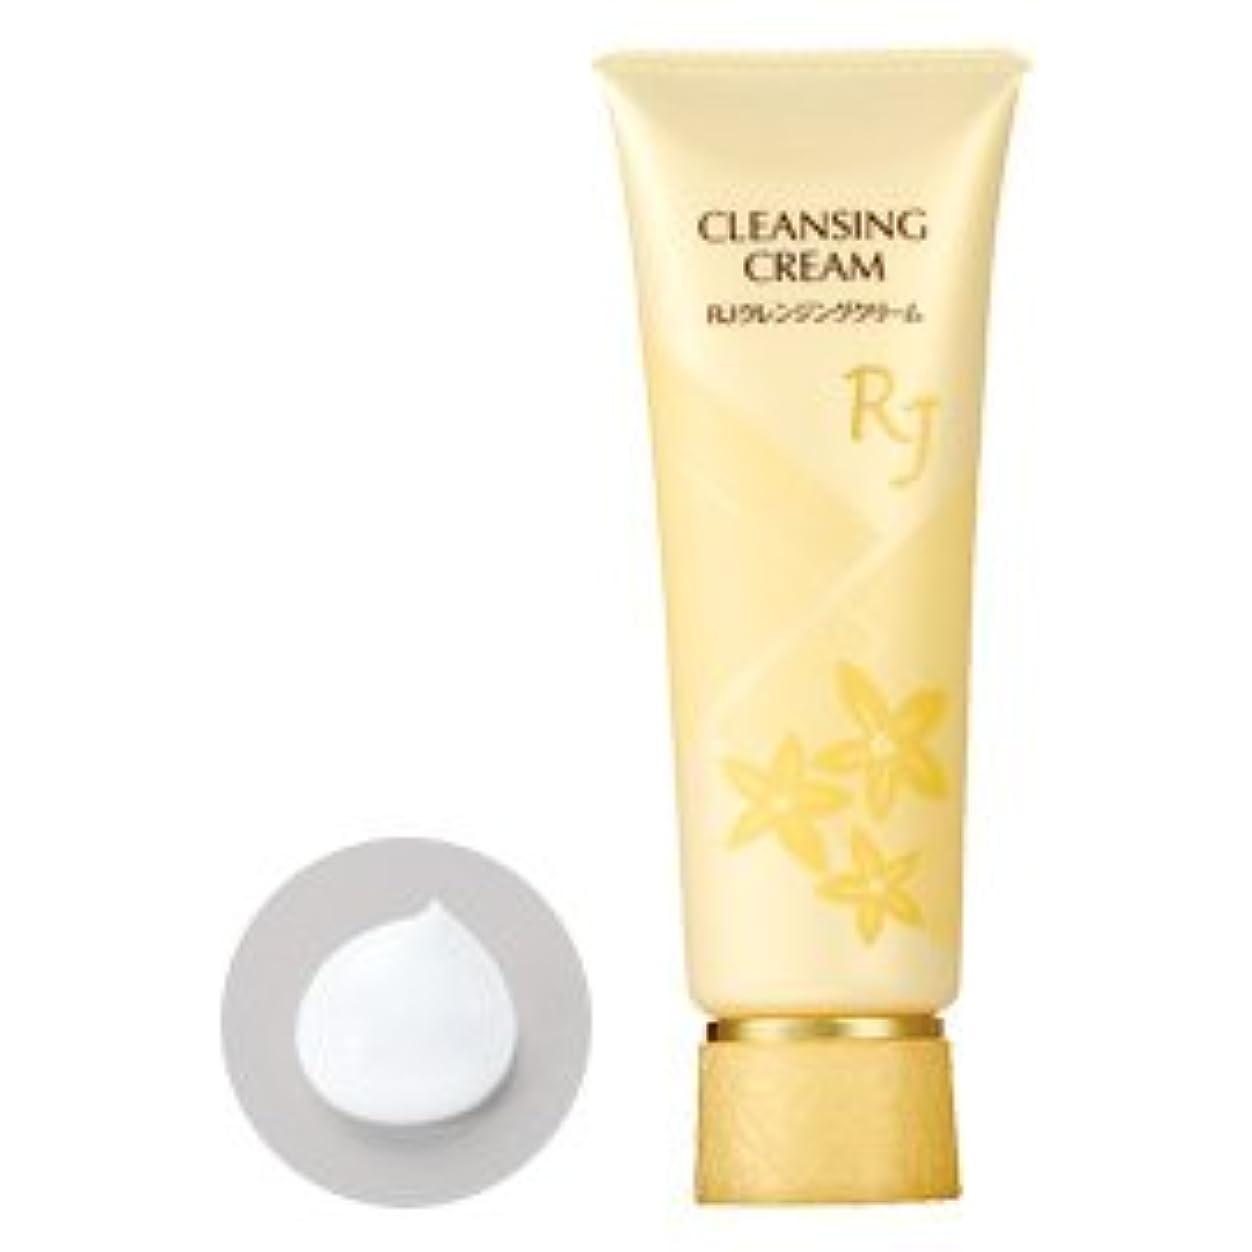 人口不測の事態寝室を掃除するRJクレンジングクリームメイク落とし?洗い流し専用 110g/ RJ Cleansing Cream <110g>